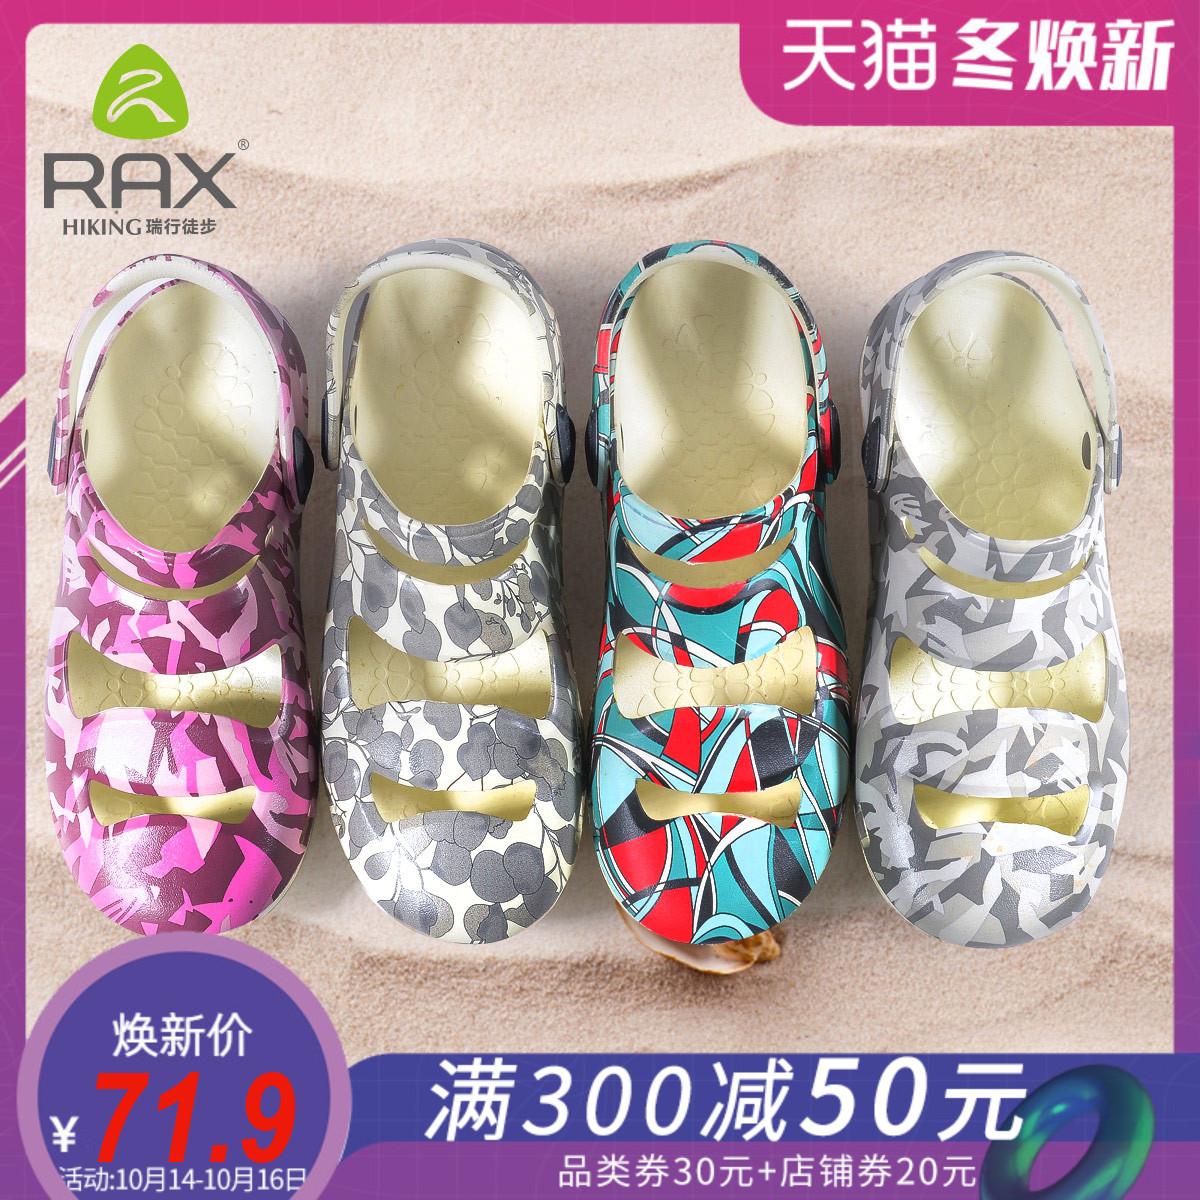 RAX洞洞鞋女凉拖鞋透气沙滩鞋男防滑凉鞋涉水溯溪鞋儿童户外鞋